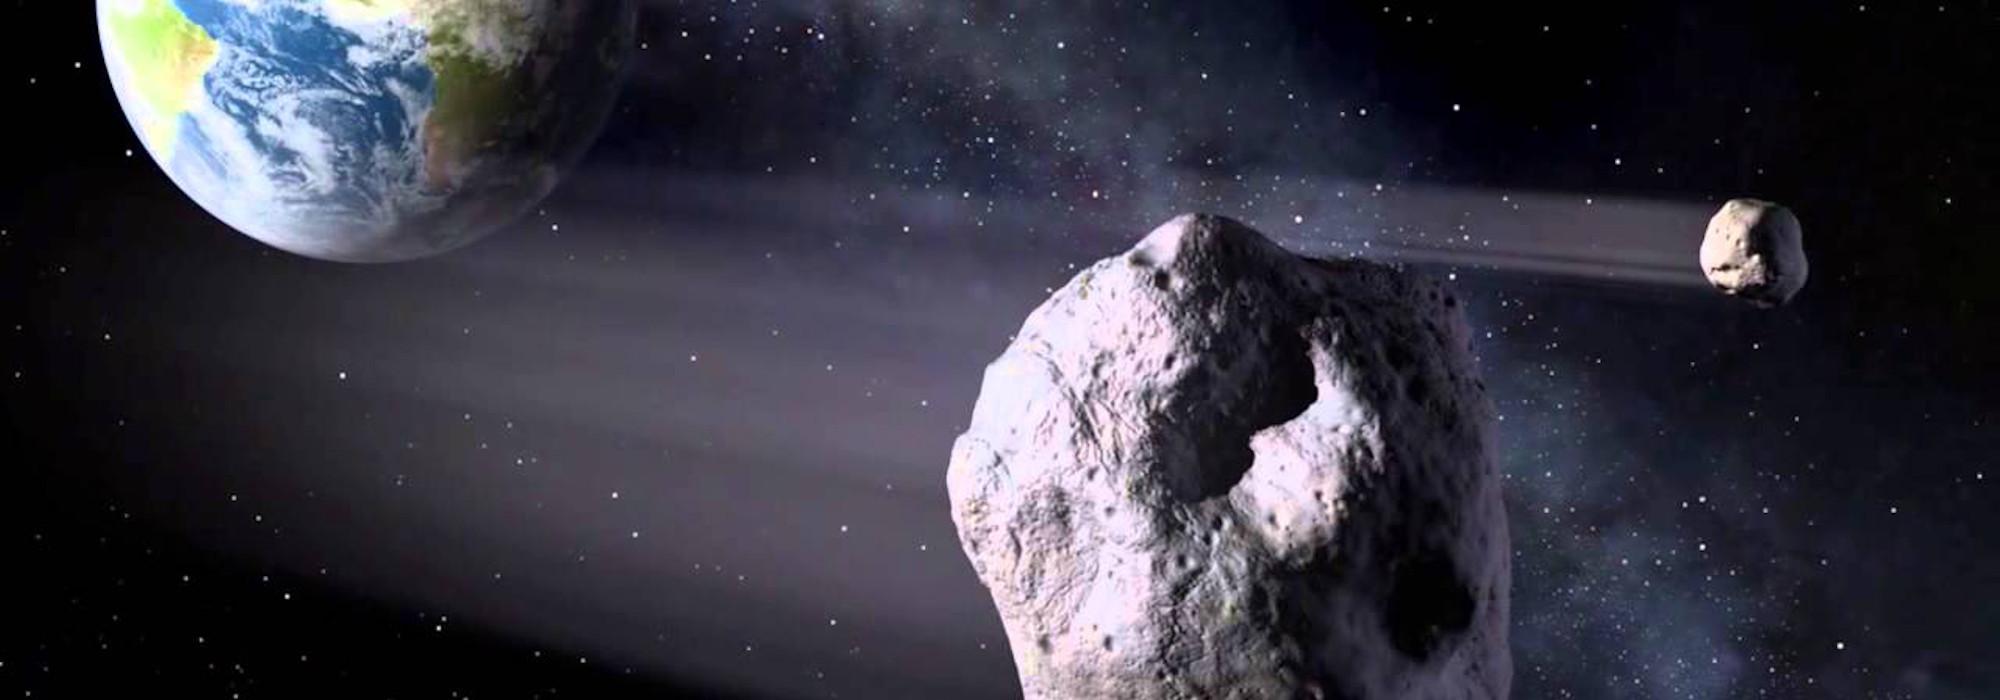 Tek Çare Uzay | Asteroit komplo teorileri, asteroitler gerçekten ne kadar tehlikeli?